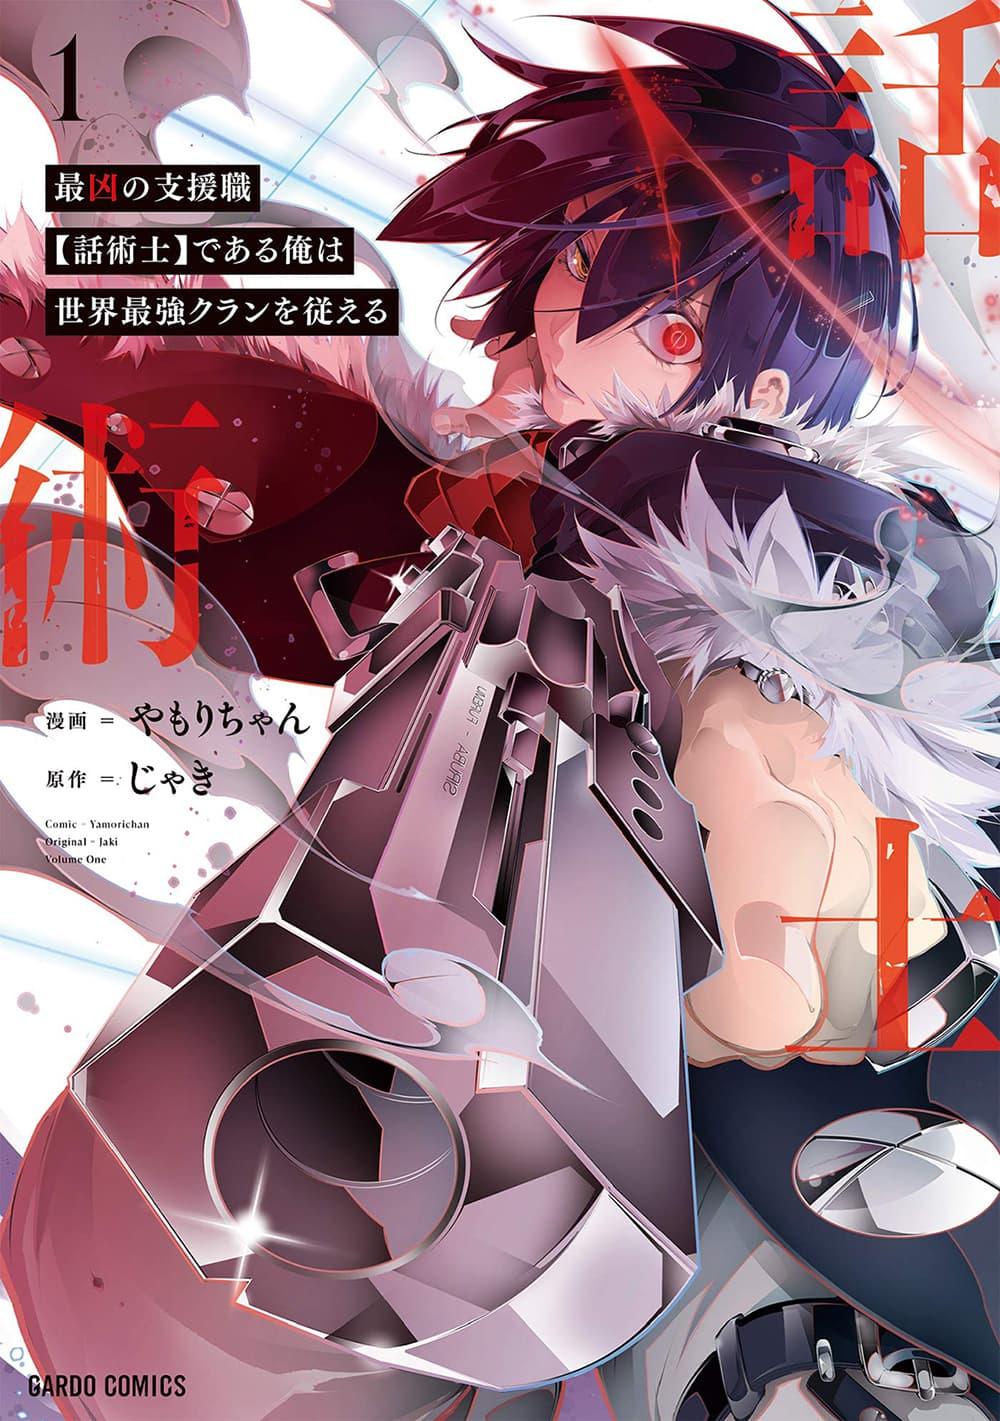 อ่านการ์ตูน Saikyou no Shien-shoku Wajutsushi Dearu Ore wa Sekai Saikyou Kuran o Shitagaeru ตอนที่ 8 หน้าที่ 1